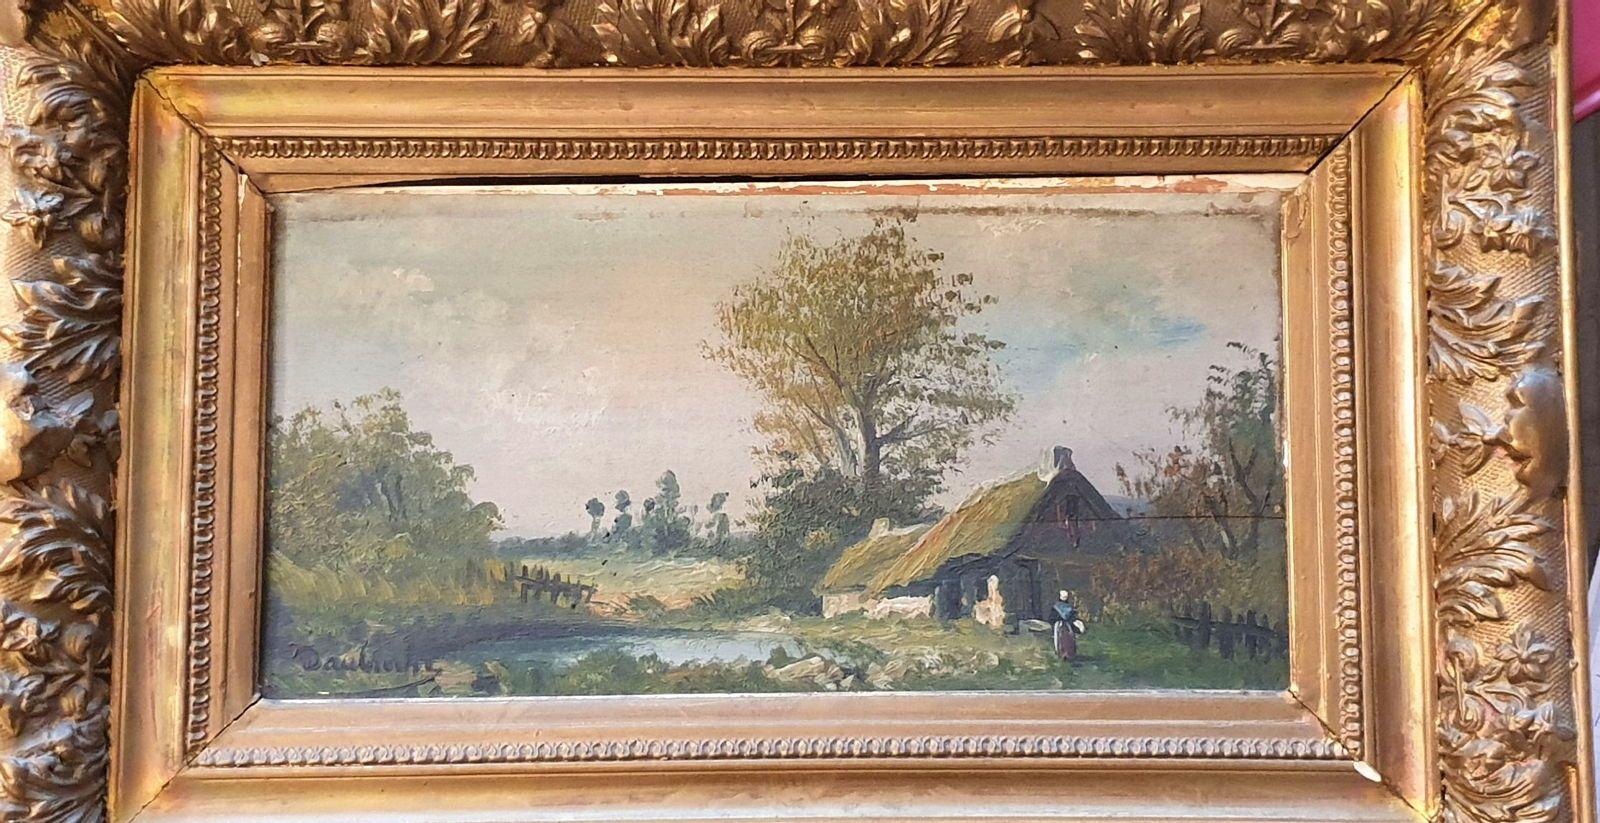 Peinture sur bois signée Daubroche (Barbizon)